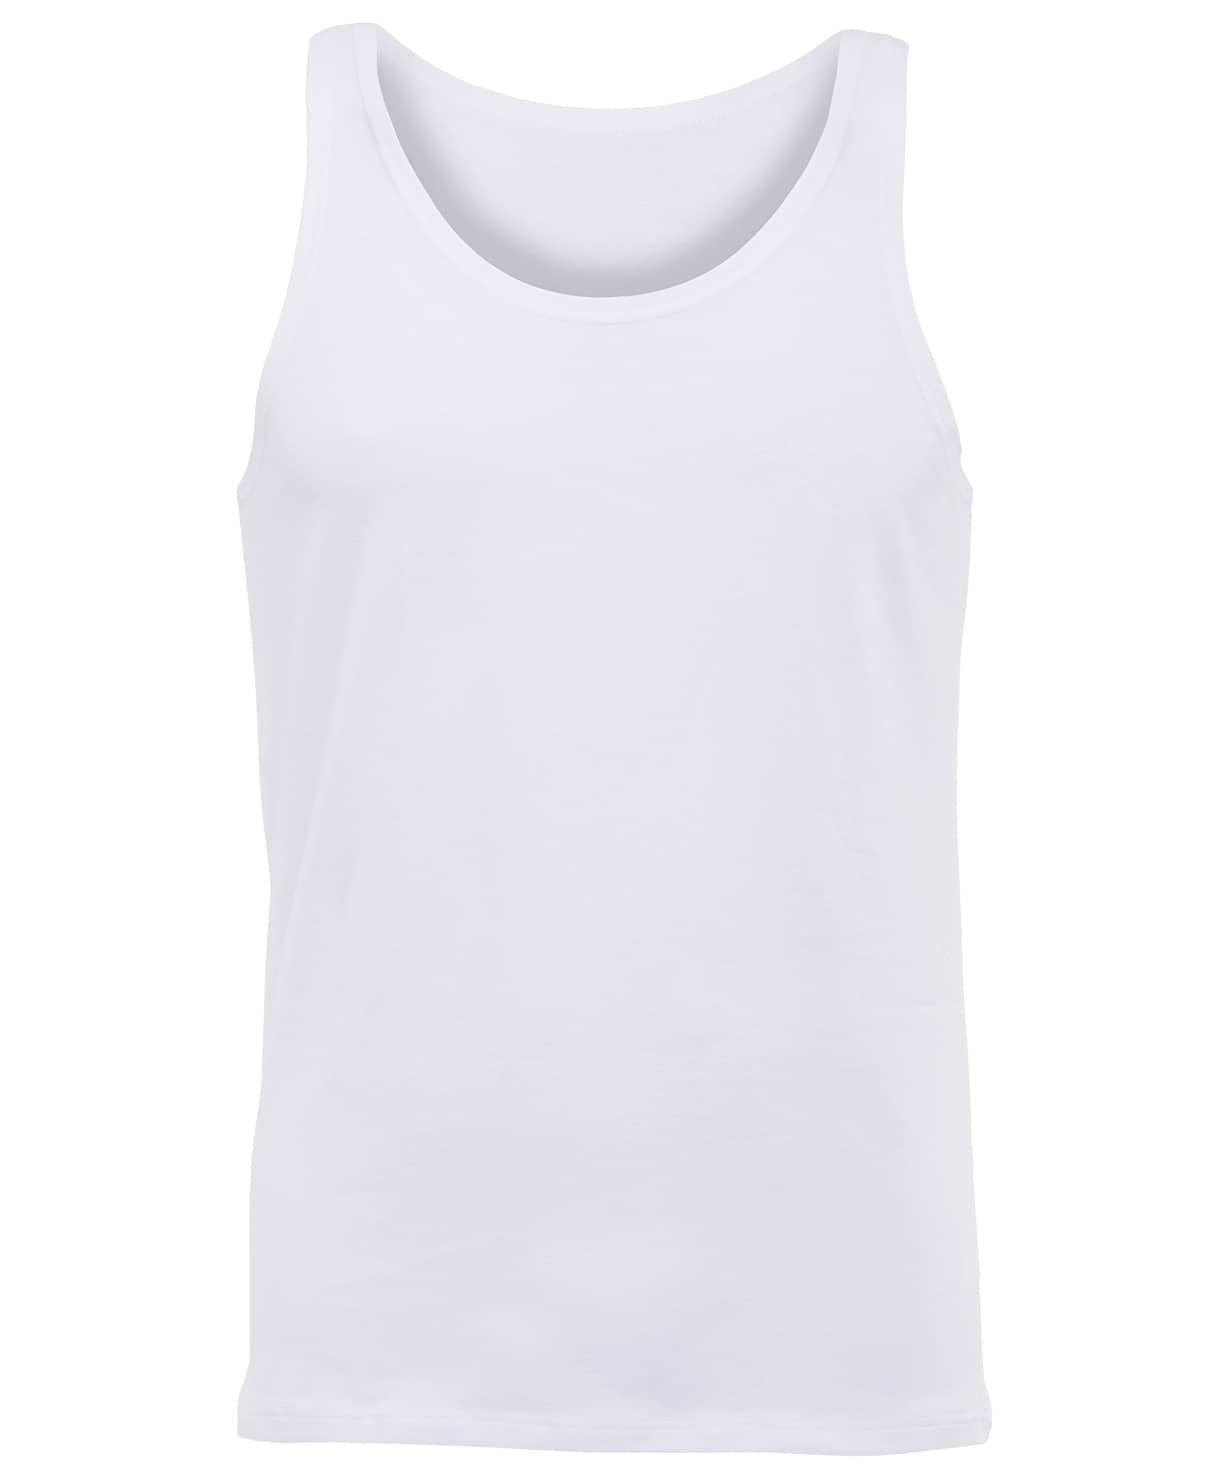 Майка гимнастическая AA-5900, хлопок, белый (44-48)